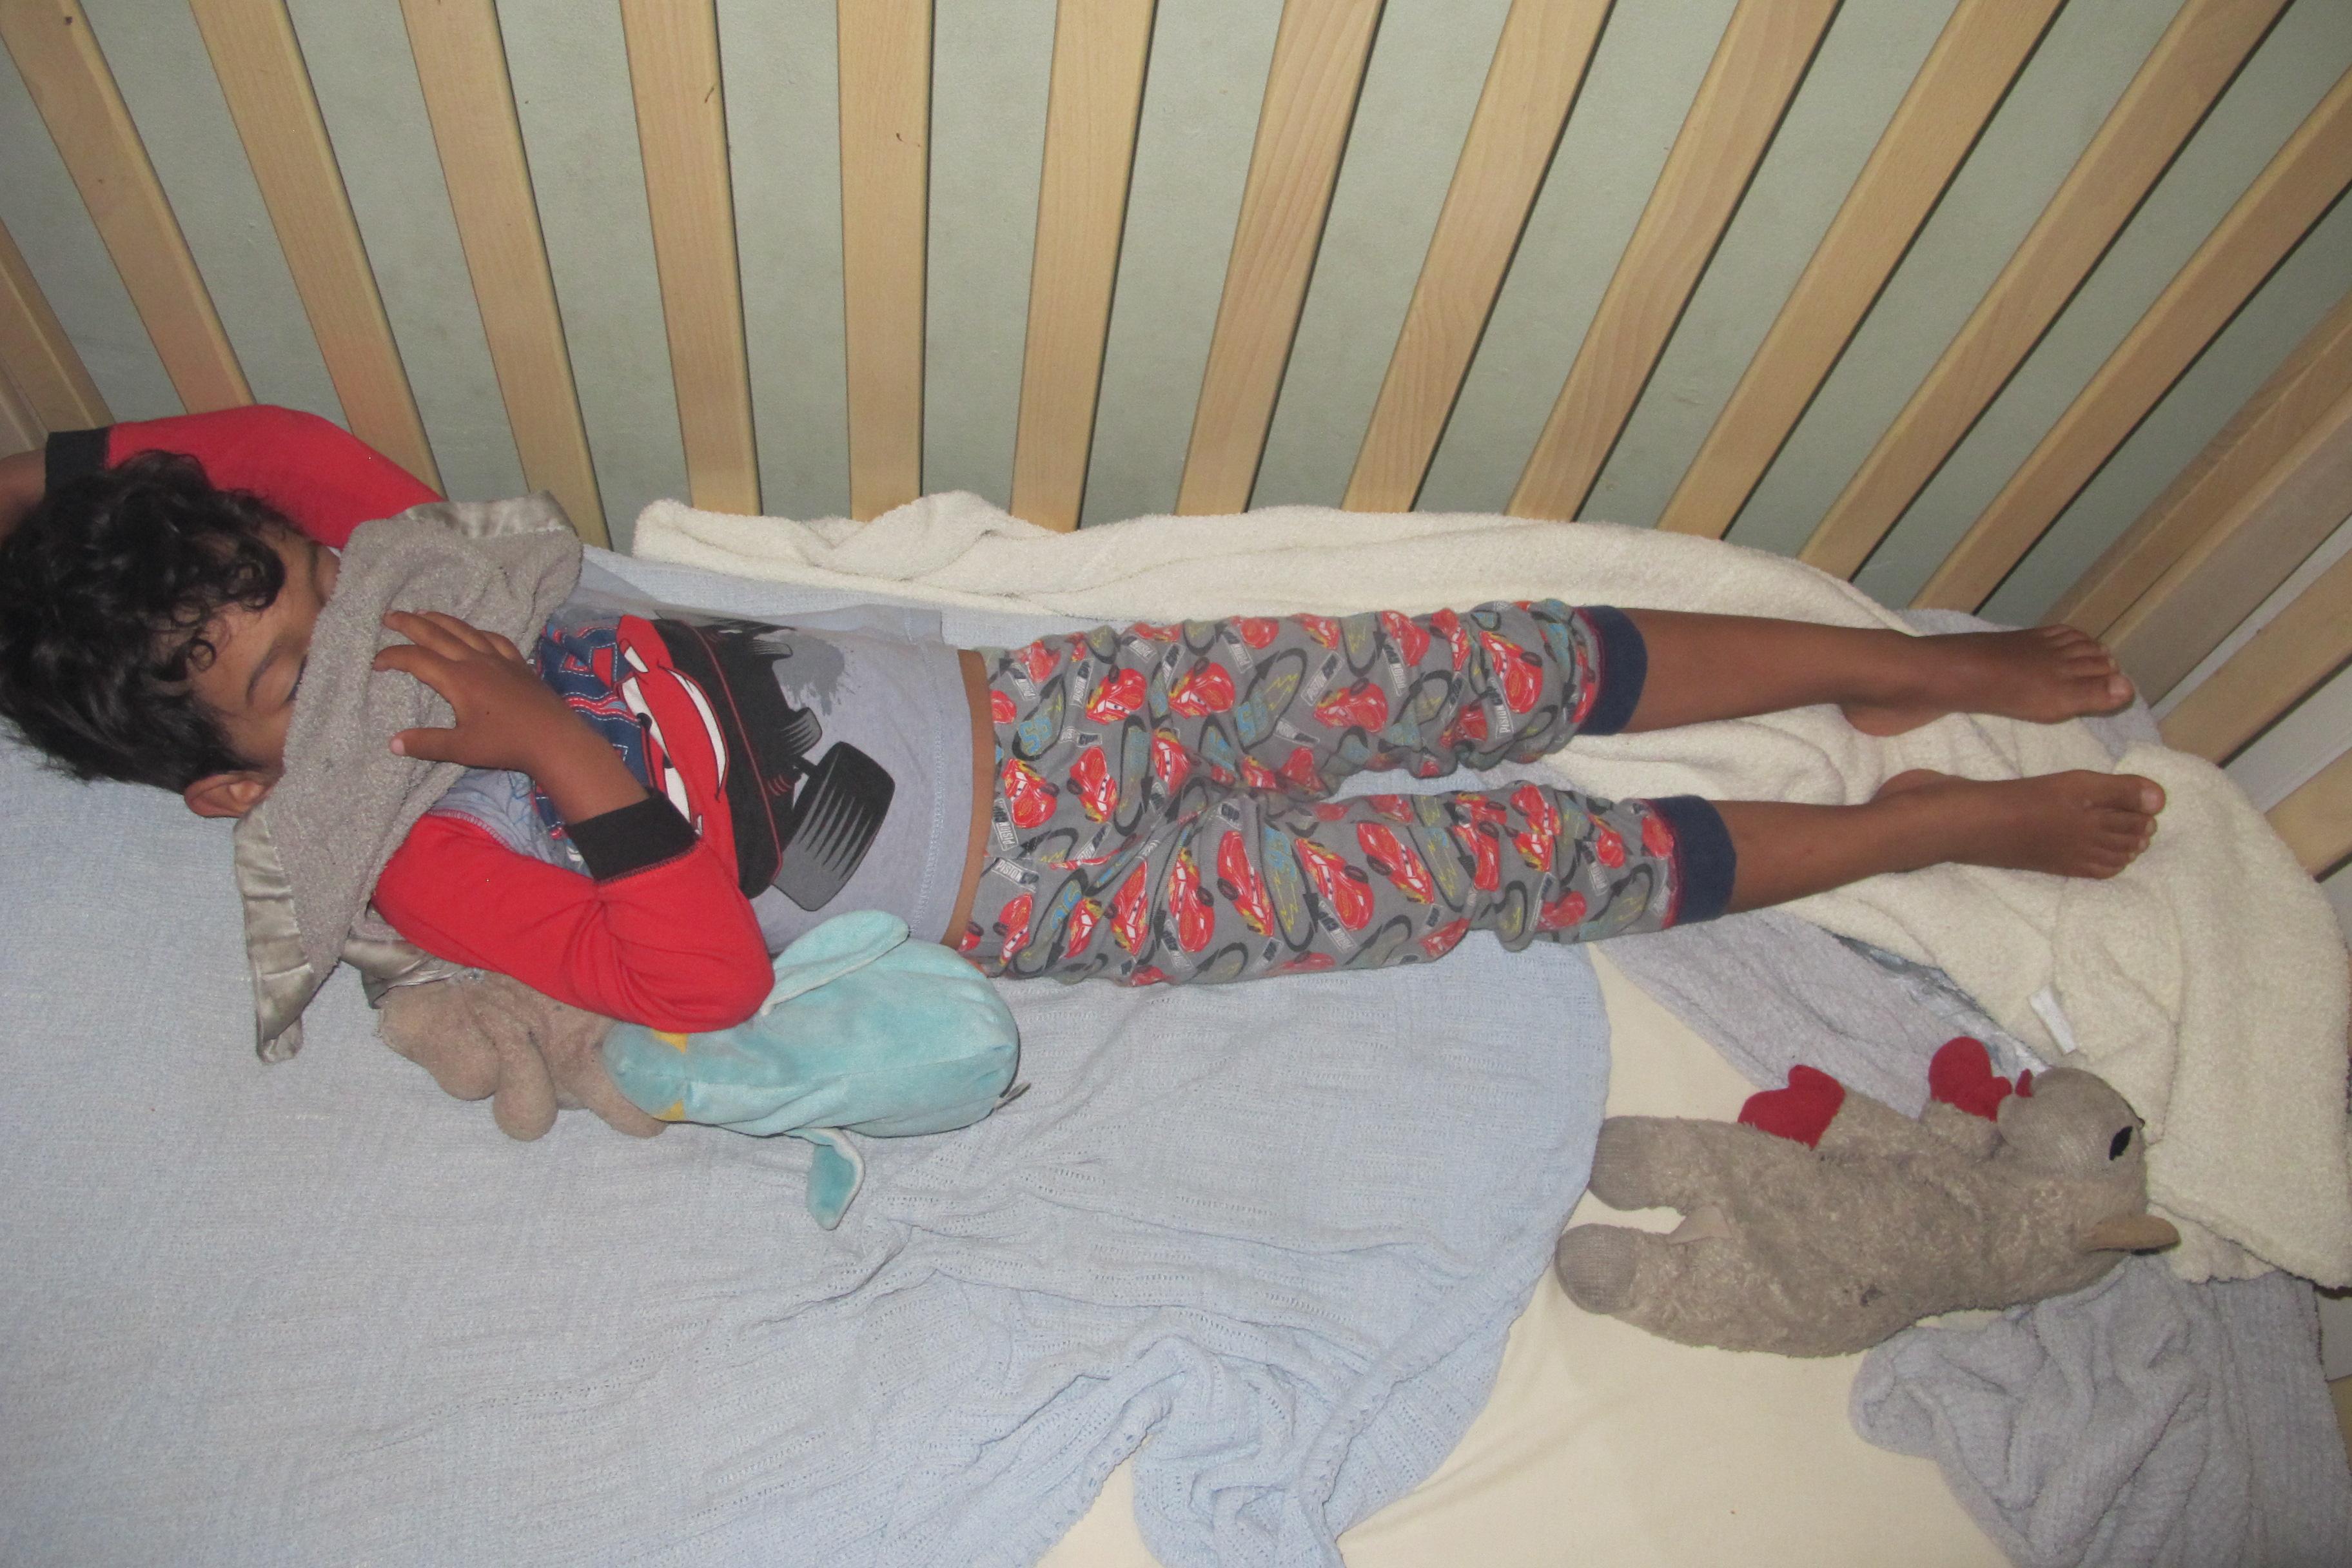 babie-boys-nude-sleeping-diagrams-of-acupuncture-facial-rejuvenation